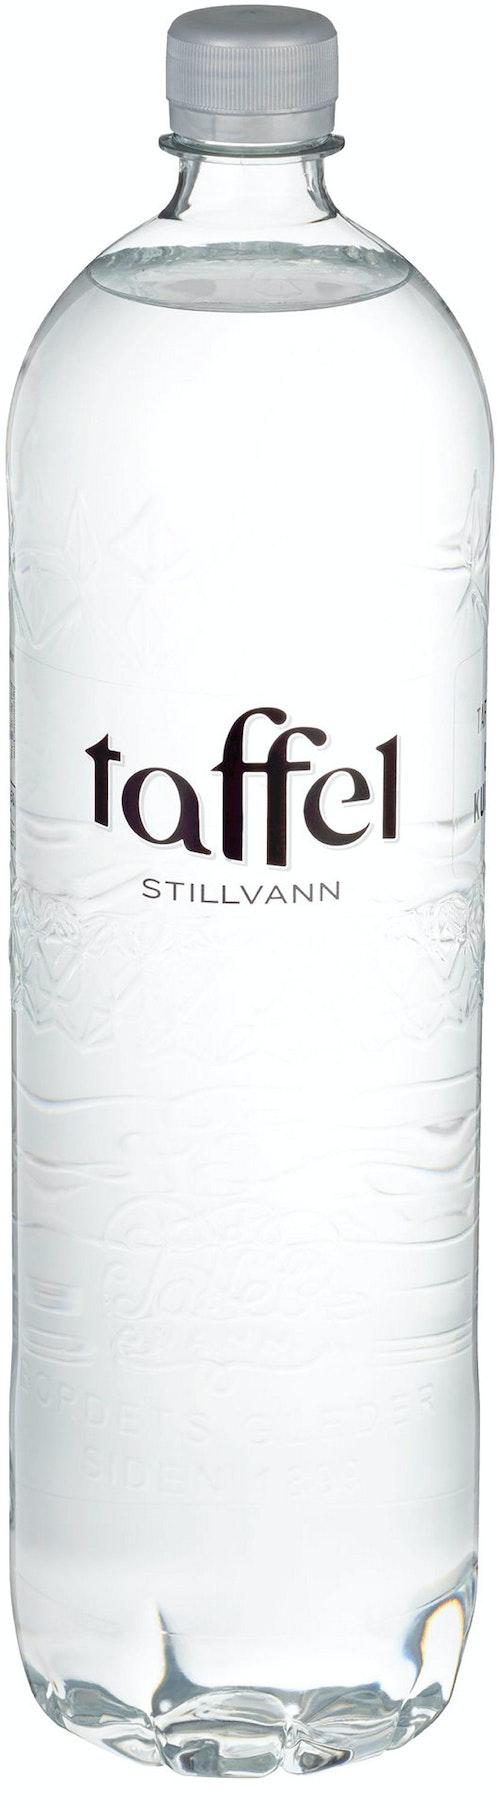 Grans Bryggeri Taffel Stillvann 1,5 l